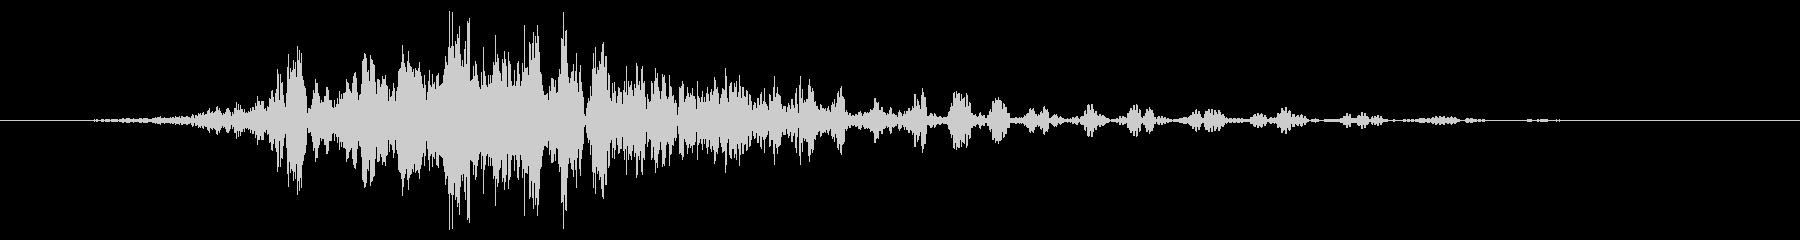 スモールメタリックスペースオブジェ...の未再生の波形